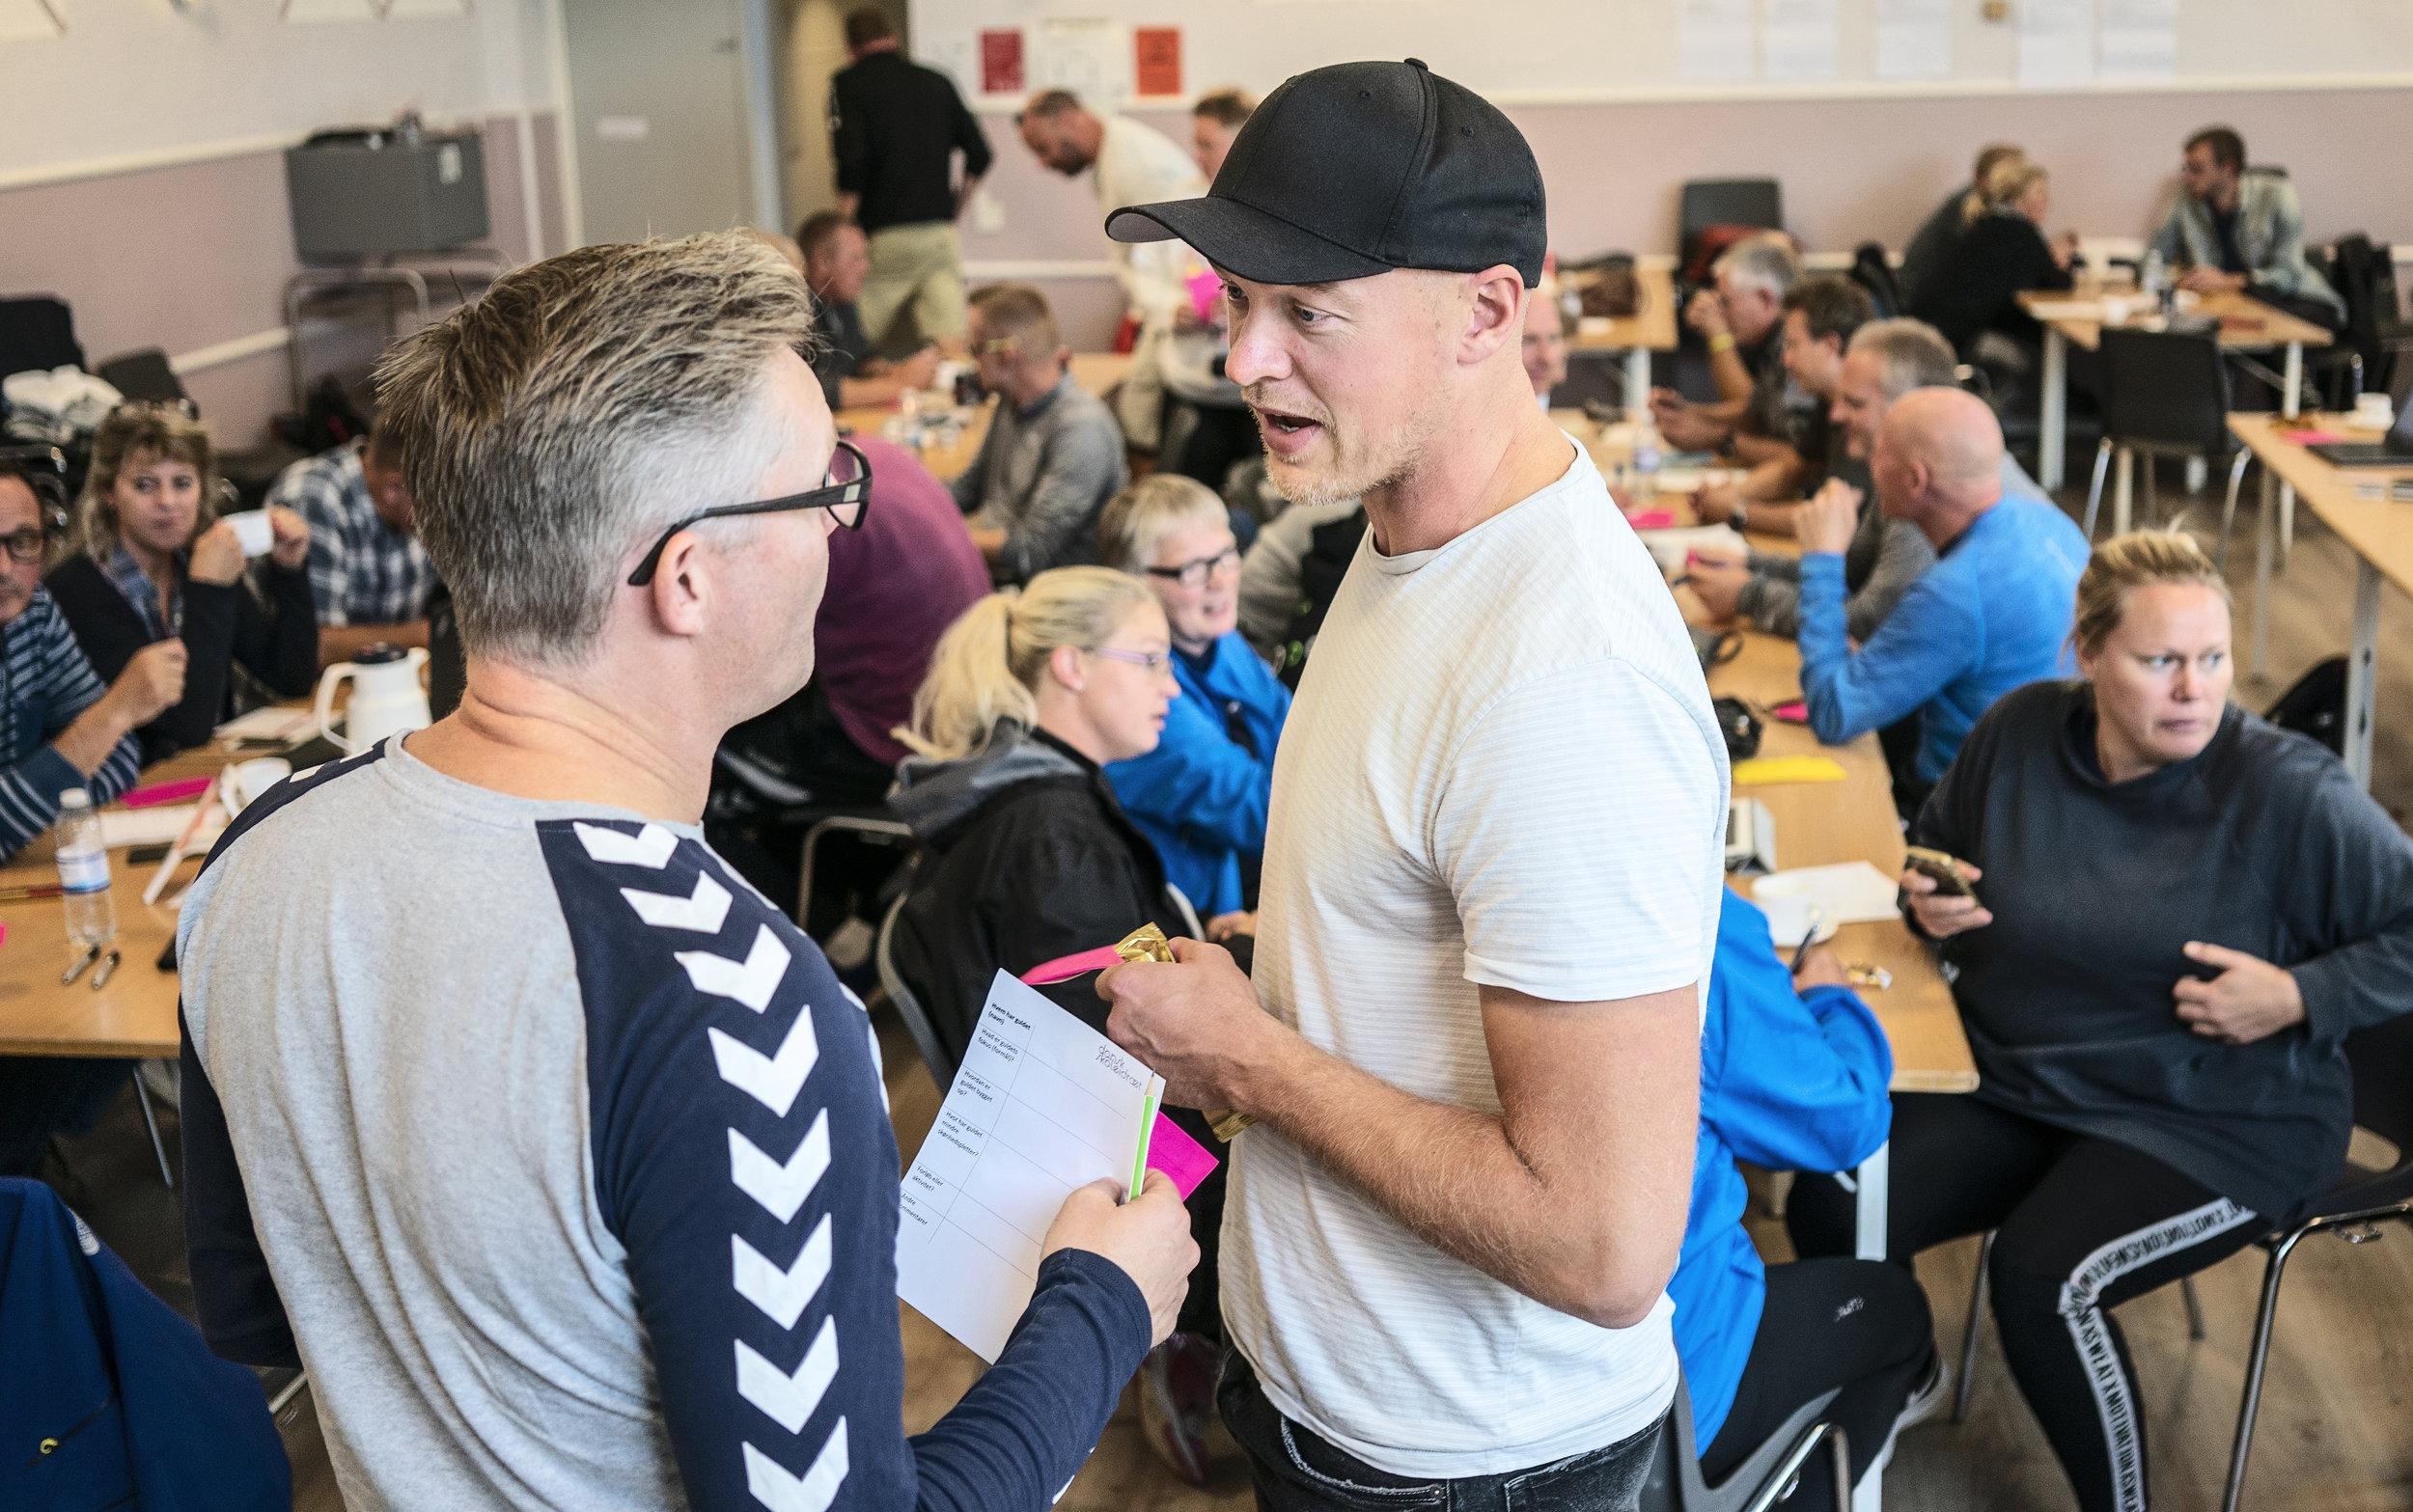 På det årlige udviklingskursus for bestyrelsesmedlemmerne i Dansk Skoleidræts 15 kredse fik deltagerne ny faglig inspiration. I 2018 fandt kurset sted i Silkeborg.